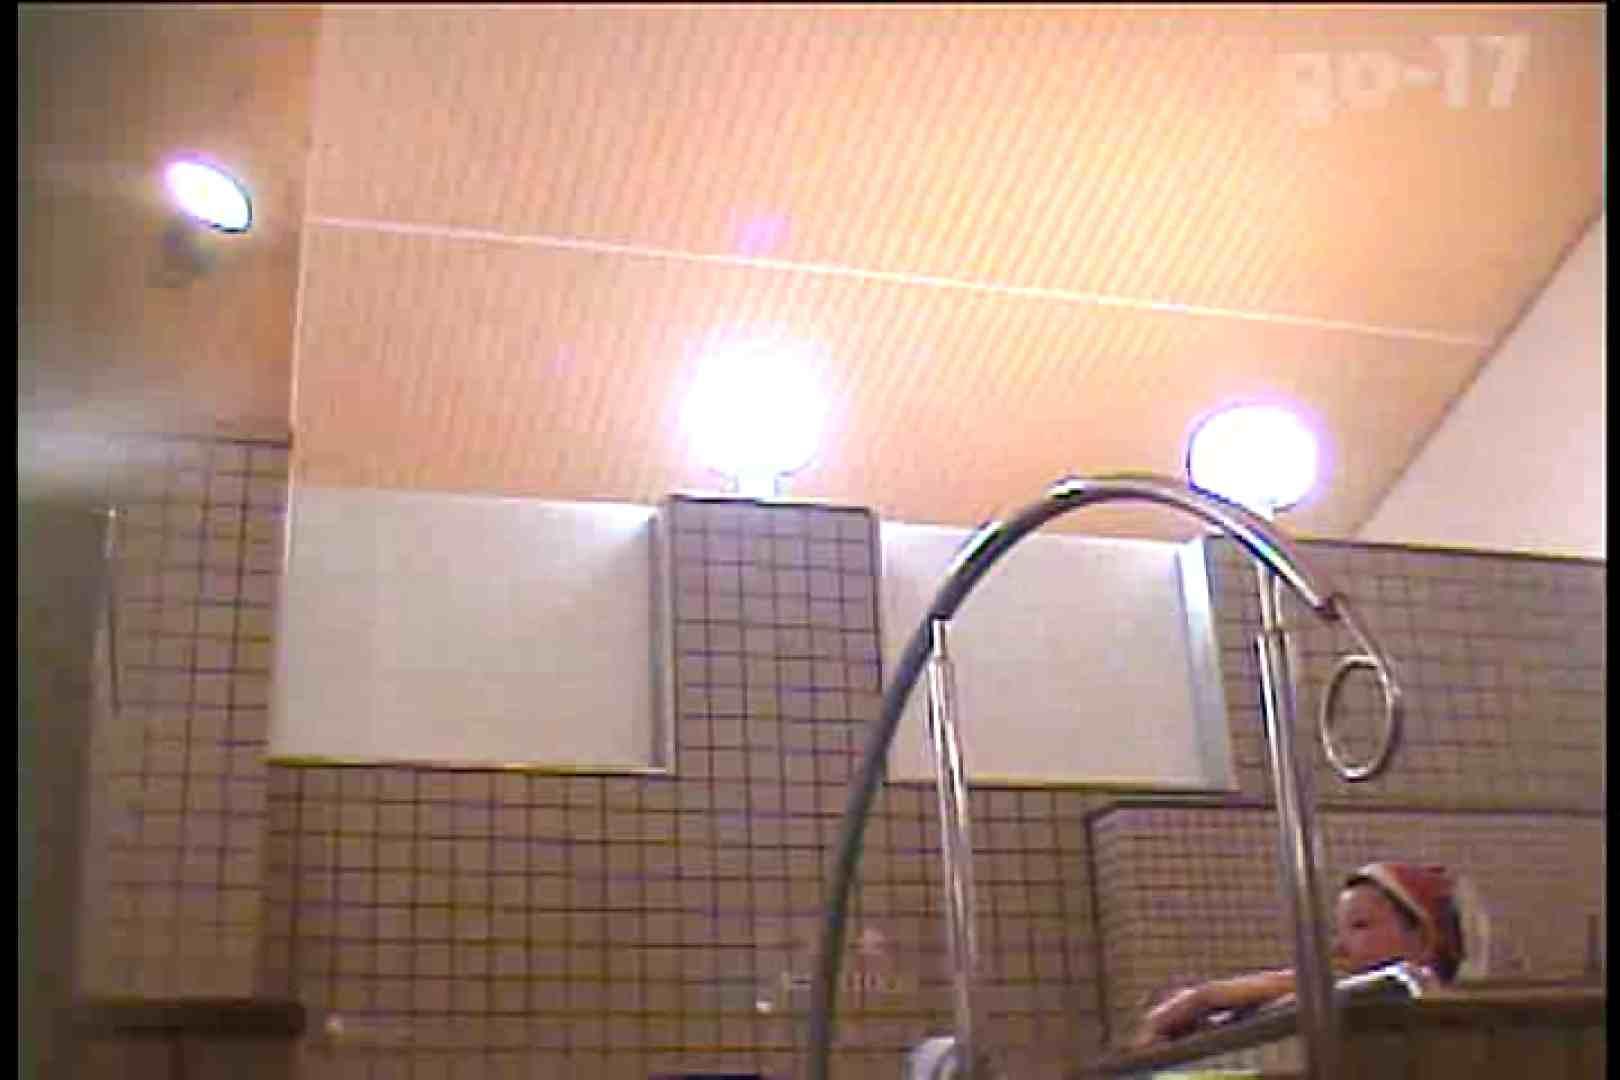 電波カメラ設置浴場からの防HAN映像 Vol.17 盗撮で悶絶 エロ無料画像 77画像 25